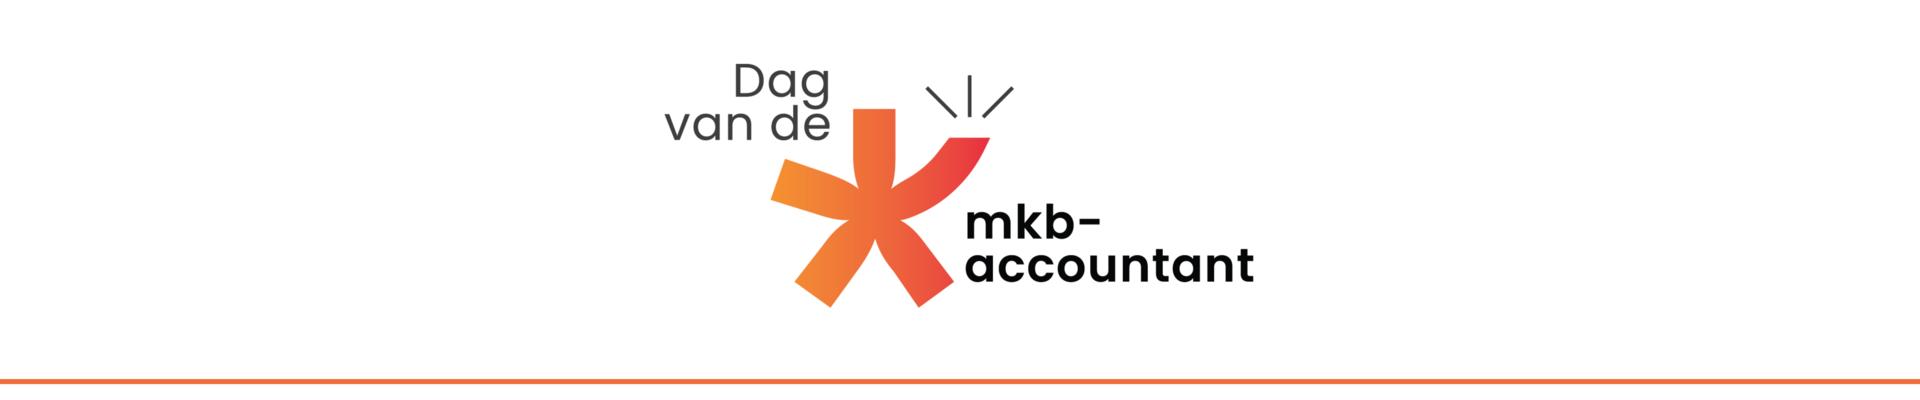 Dag van de mkb-accountant 2021